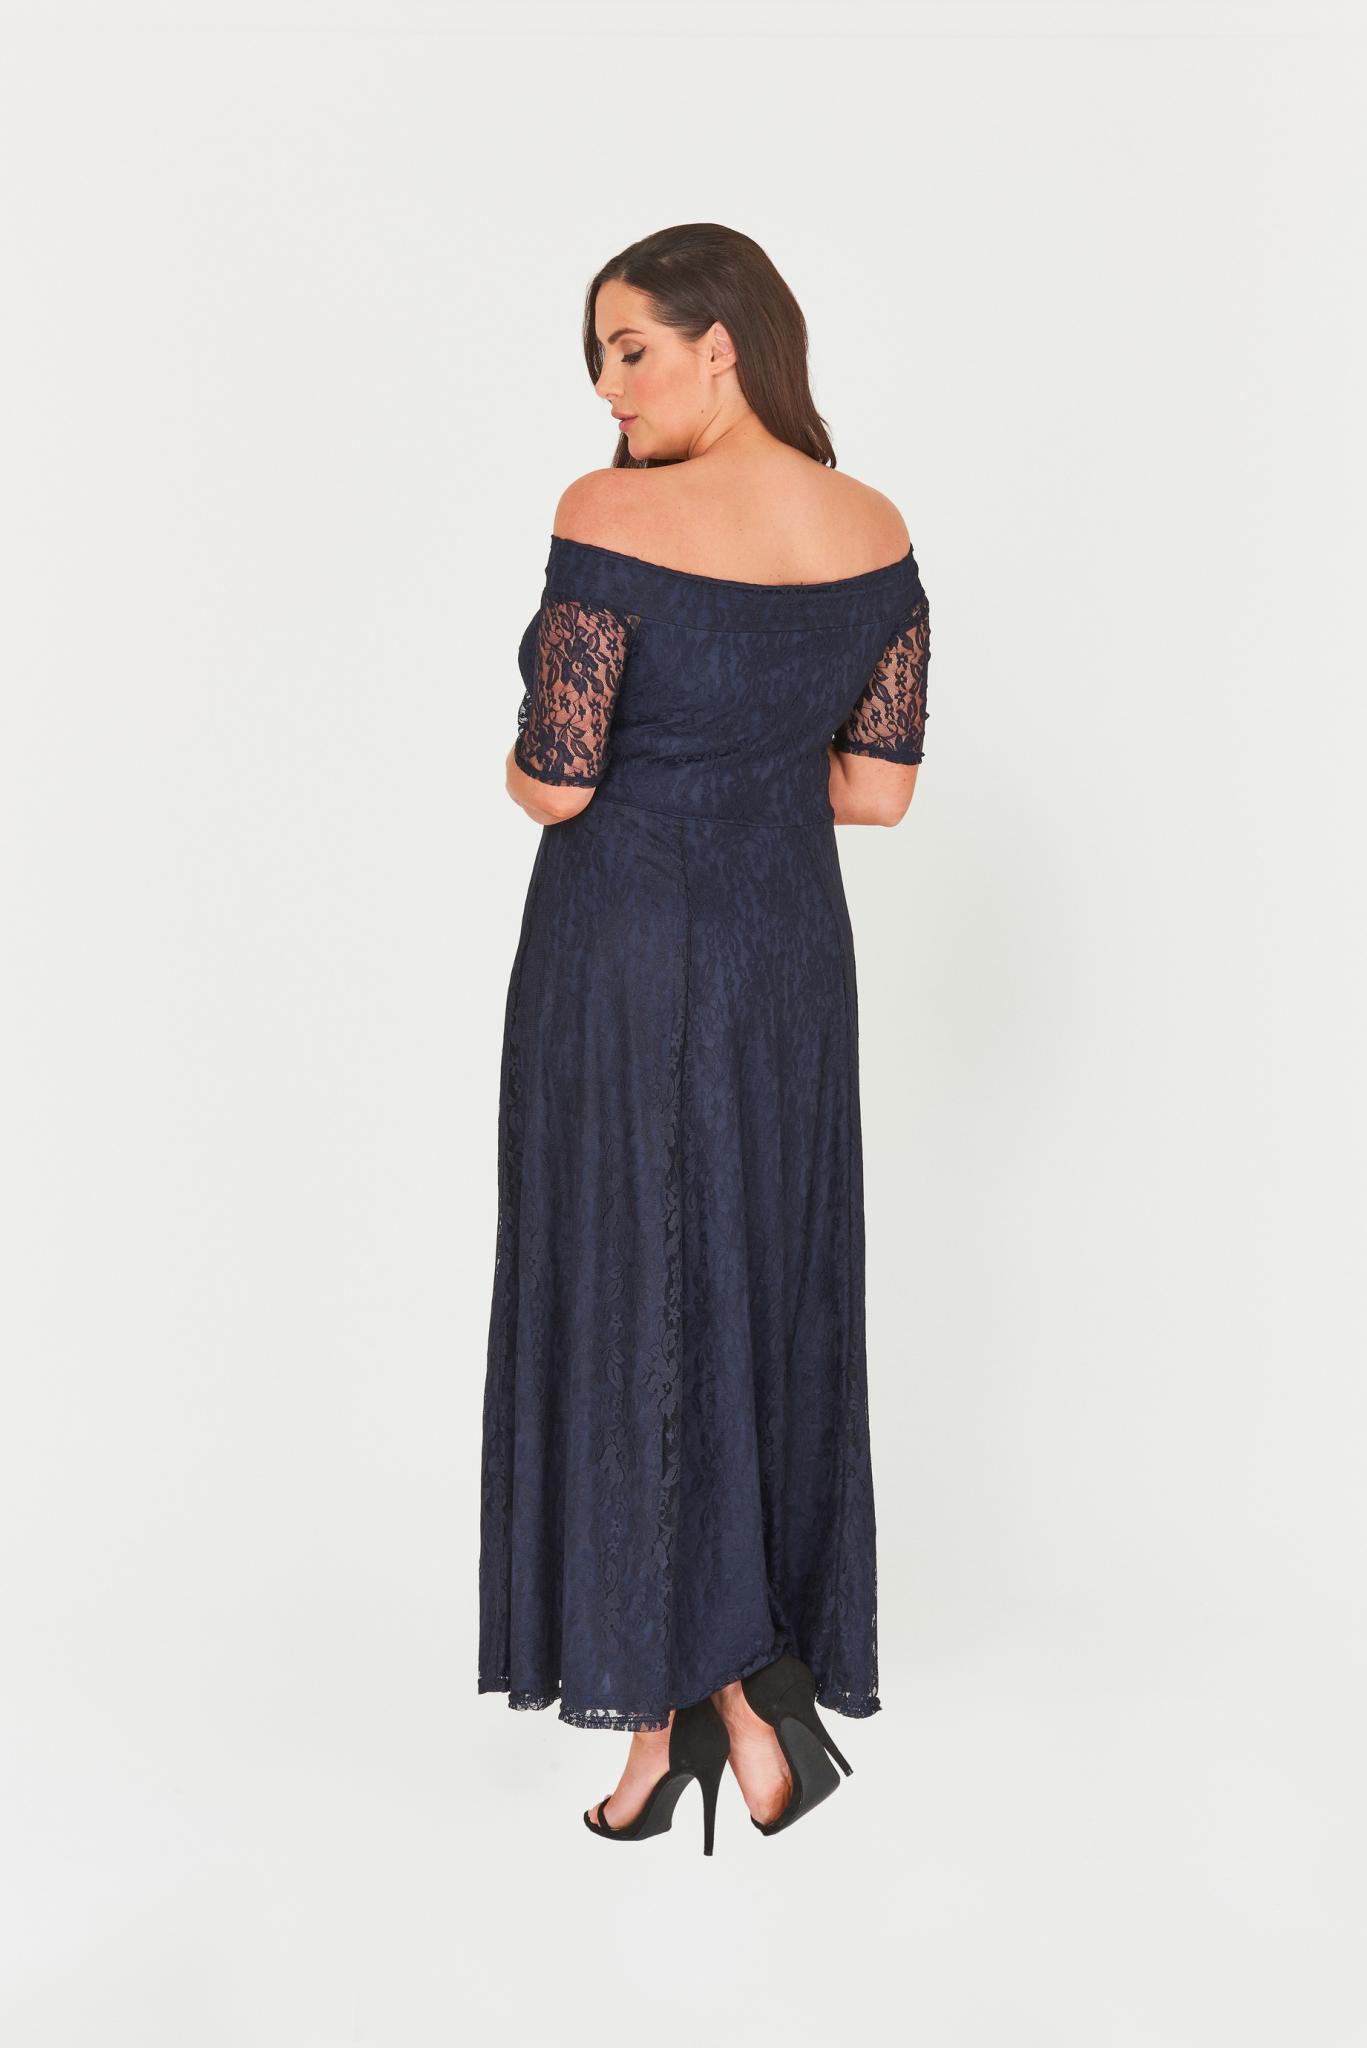 1bb97b9ebc83 Společenské krajkové šaty MARBLE s odhalenými rameny Společenské krajkové  šaty MARBLE s odhalenými rameny empty